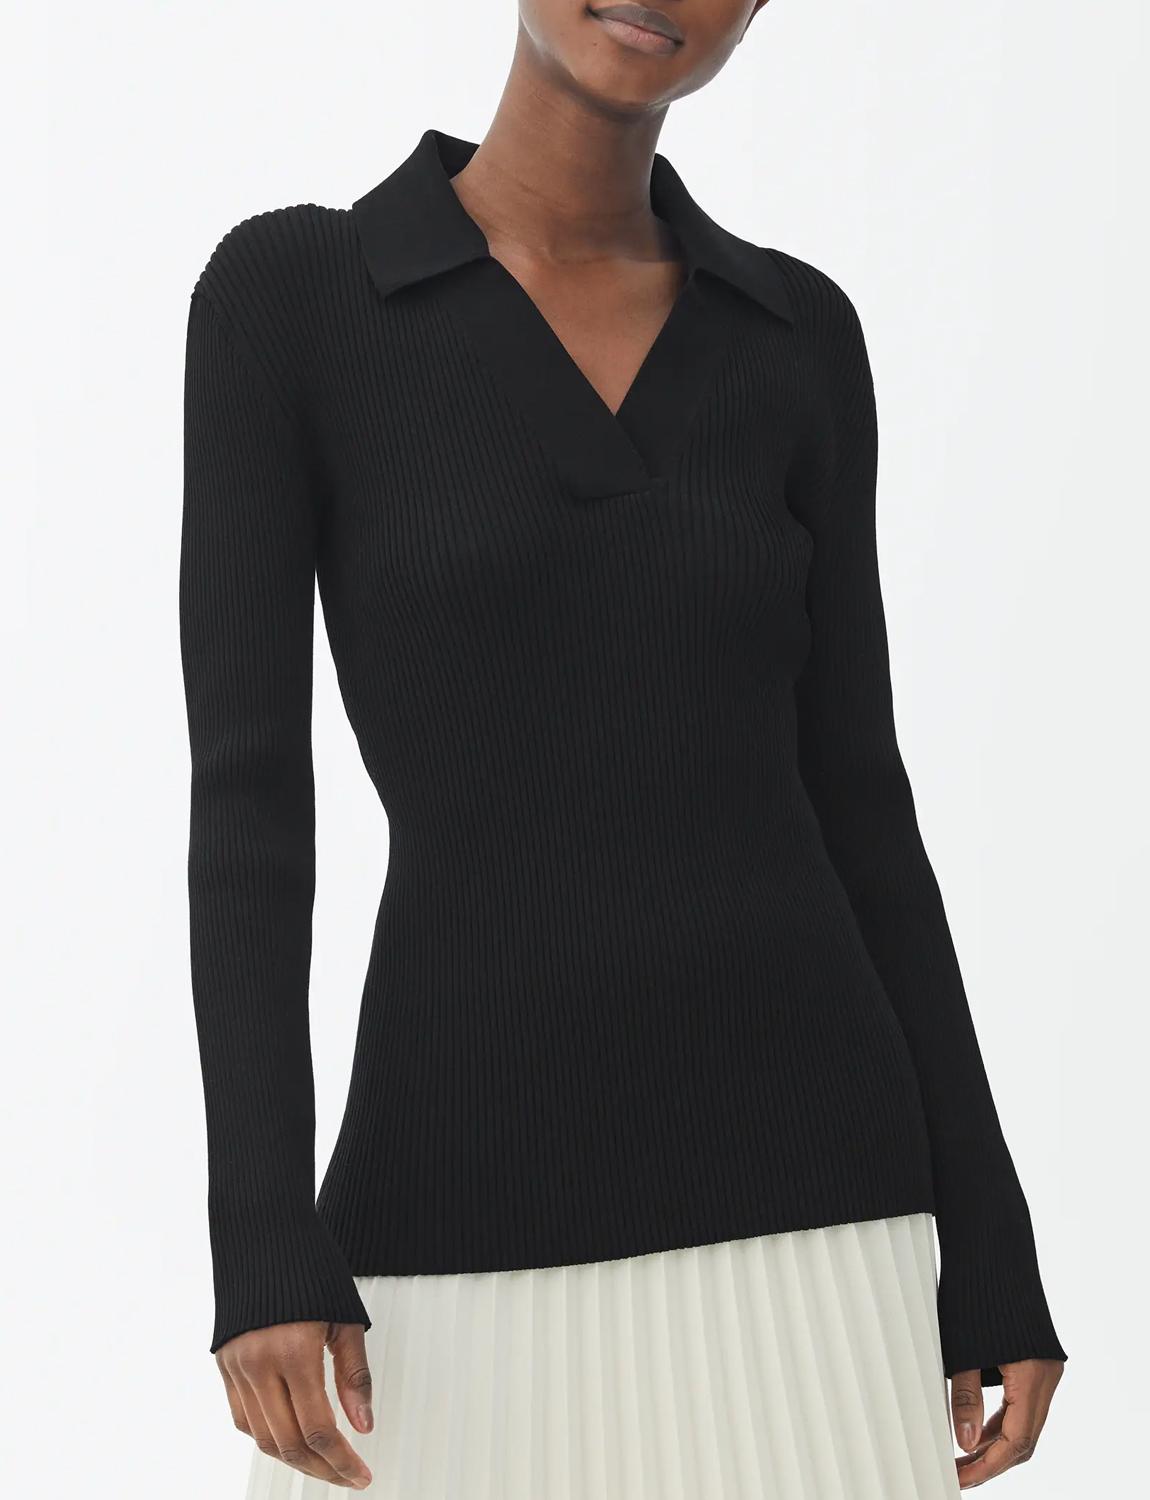 black open collar top